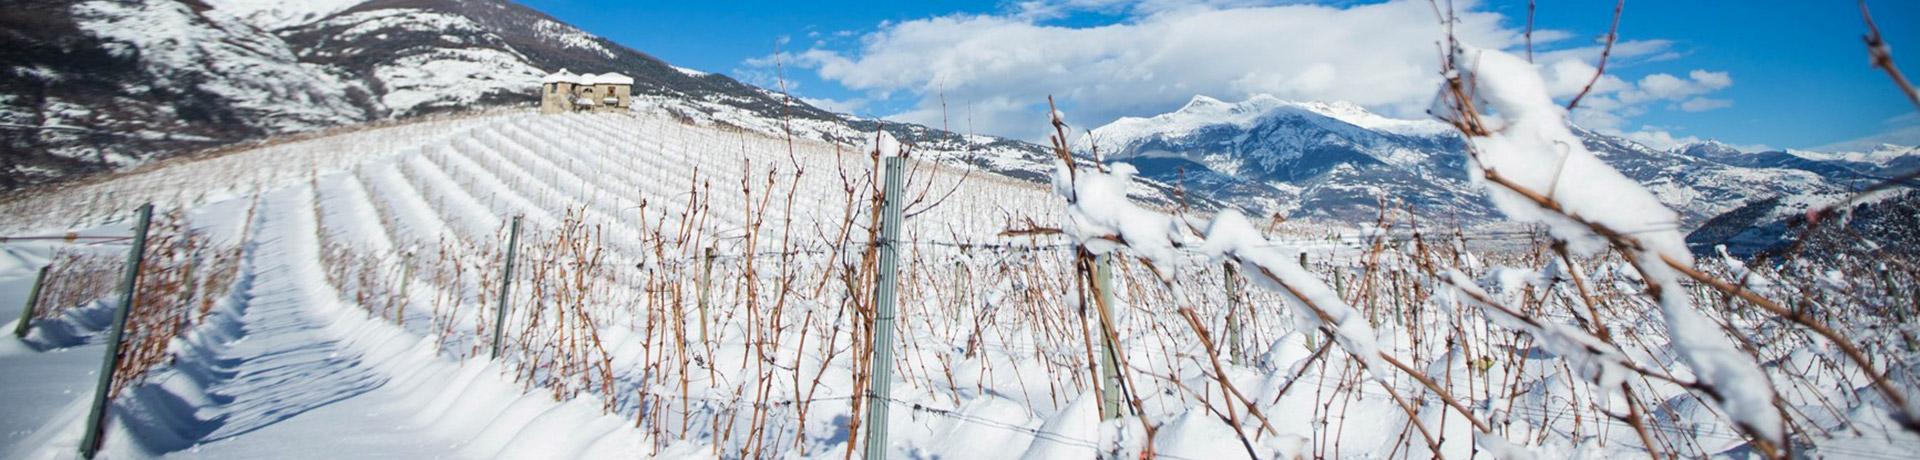 Il nostro inverno: la collina del Côteau innevata e le montagne imbiancate sullo sfondo